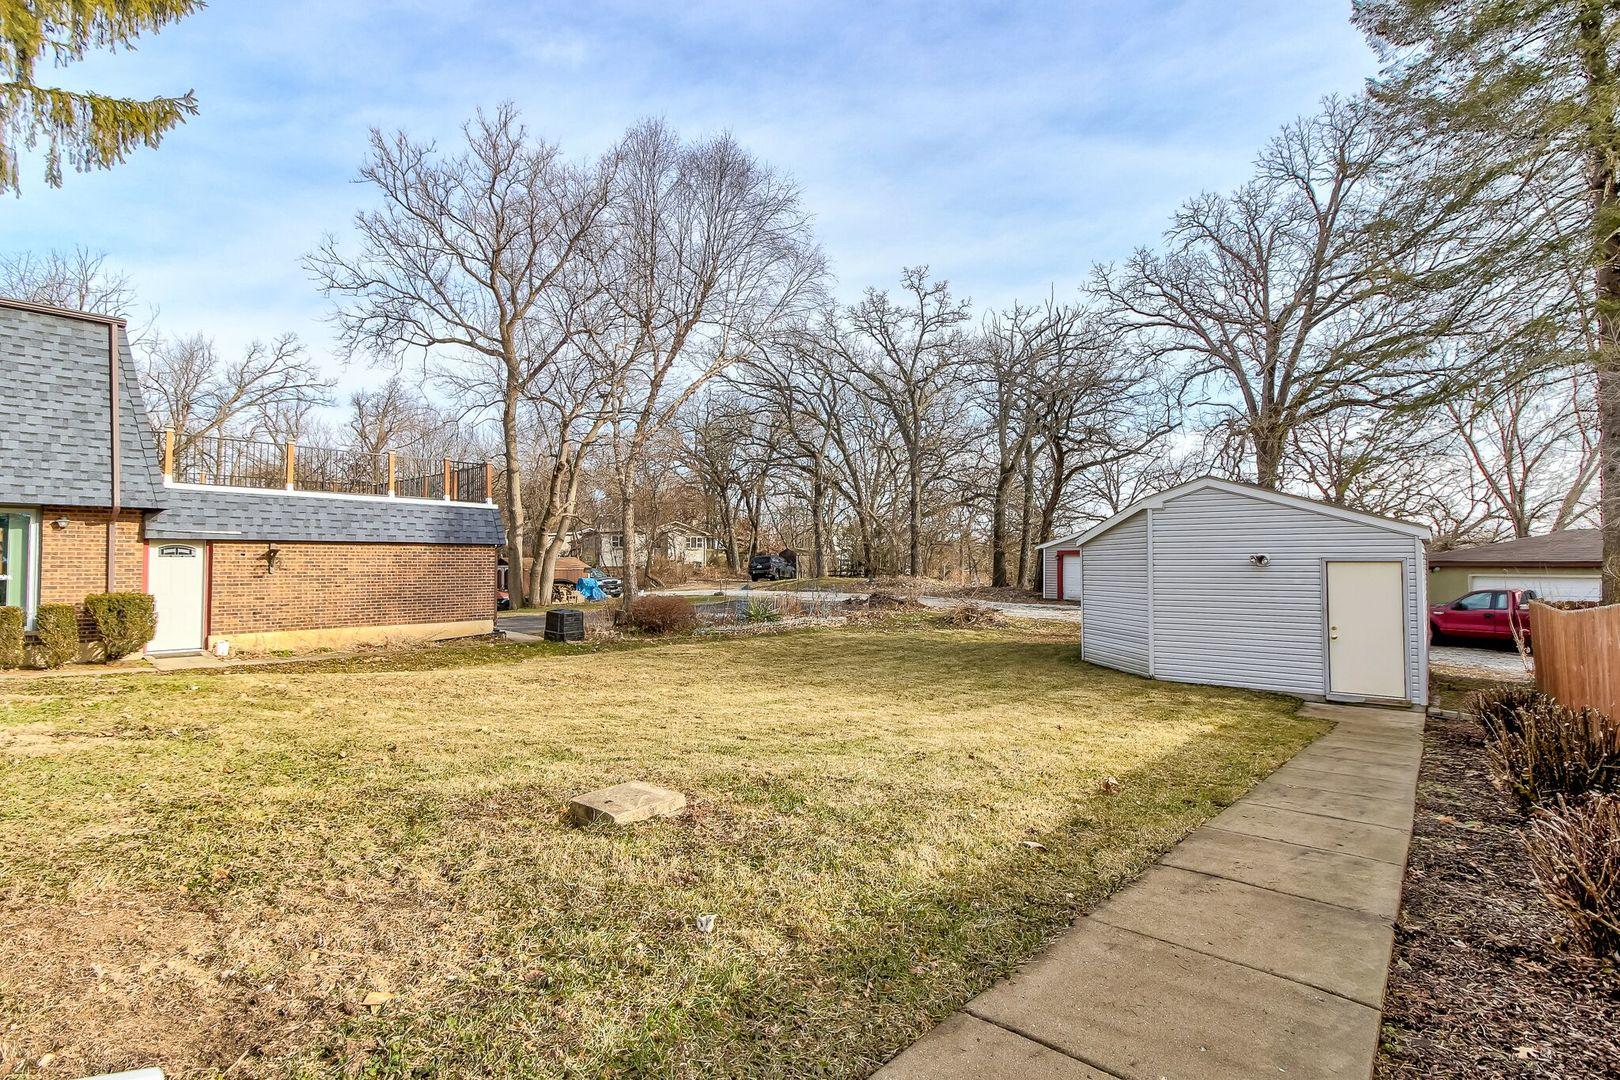 4622 West Shore, Wonder Lake, Illinois, 60097